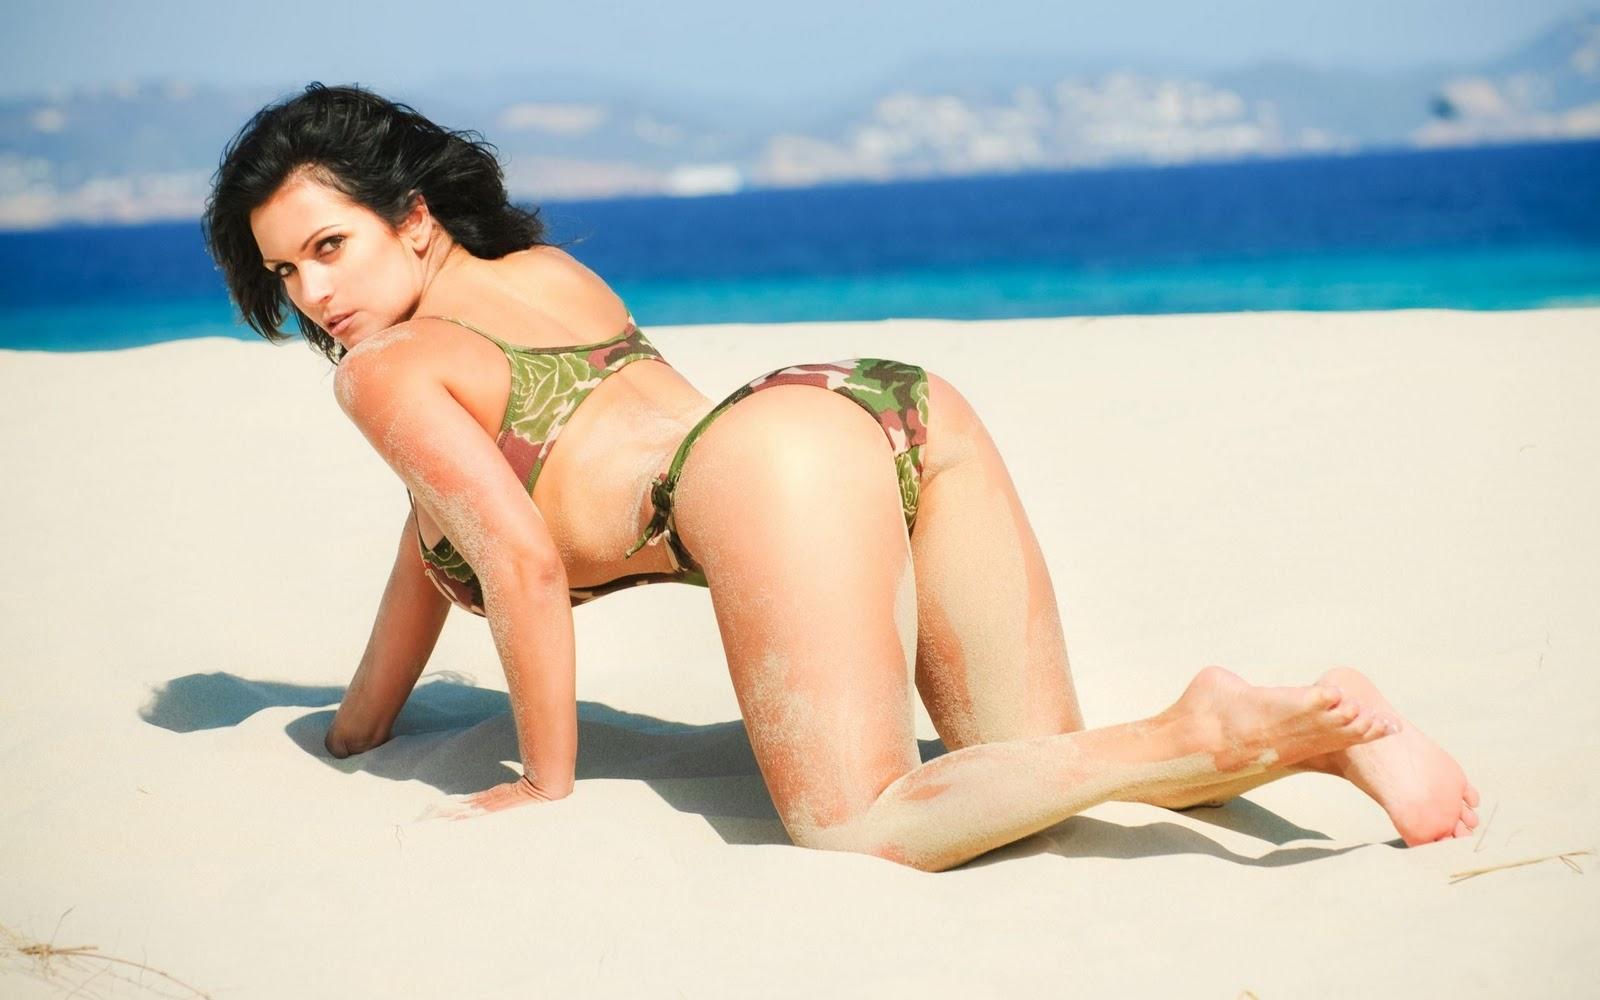 Best desktop hd wallpaper sexy celebrity bikini wallpapers - Hd bikini wallpapers for pc ...